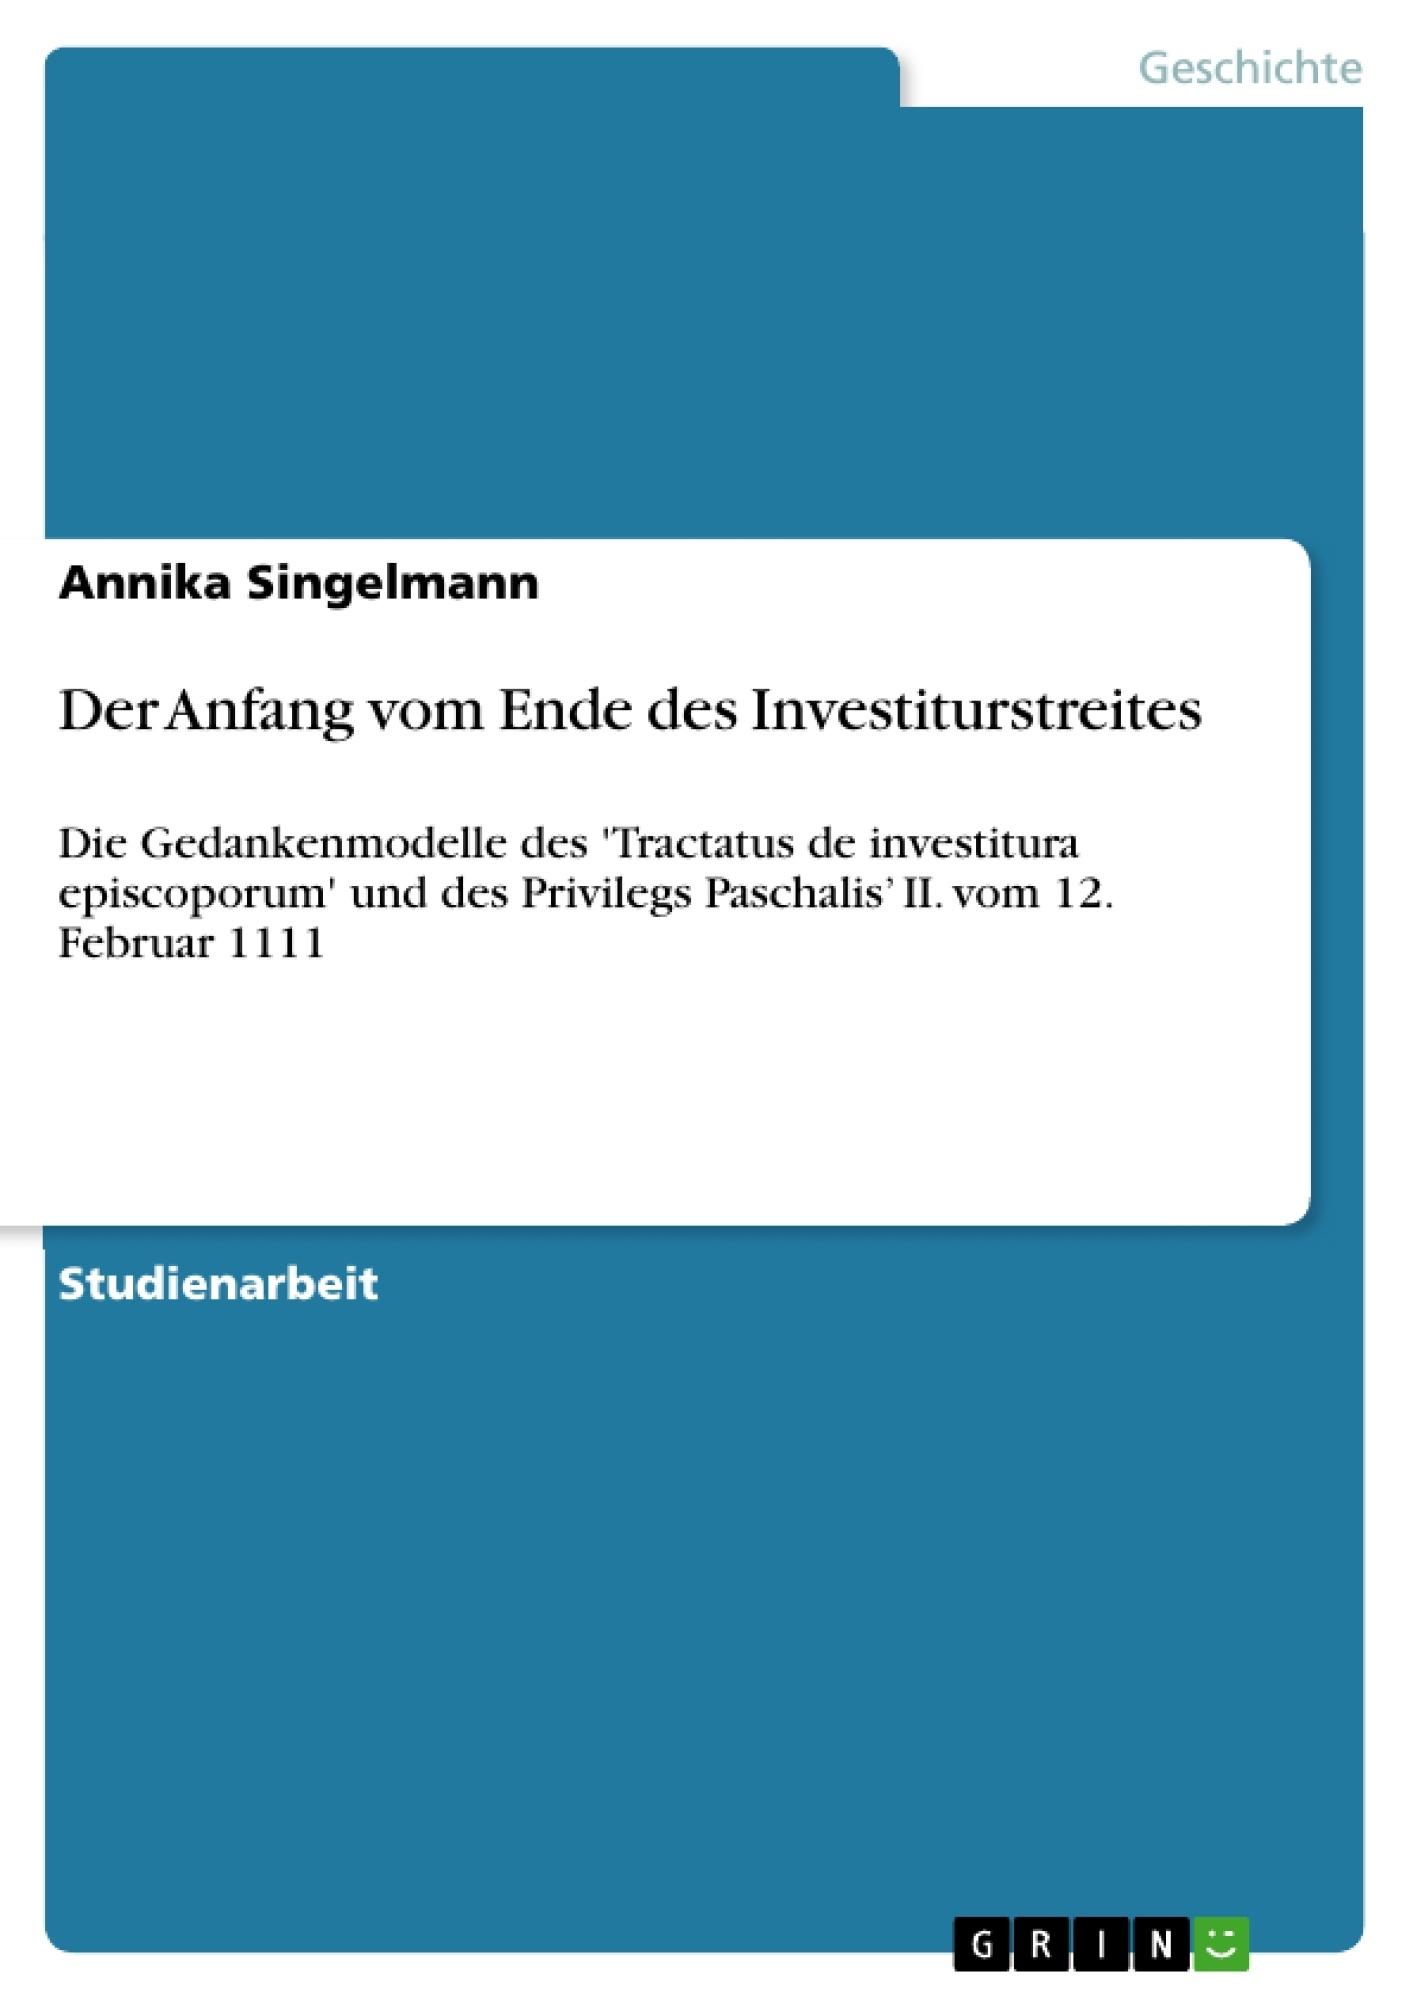 Titel: Der Anfang vom Ende des Investiturstreites